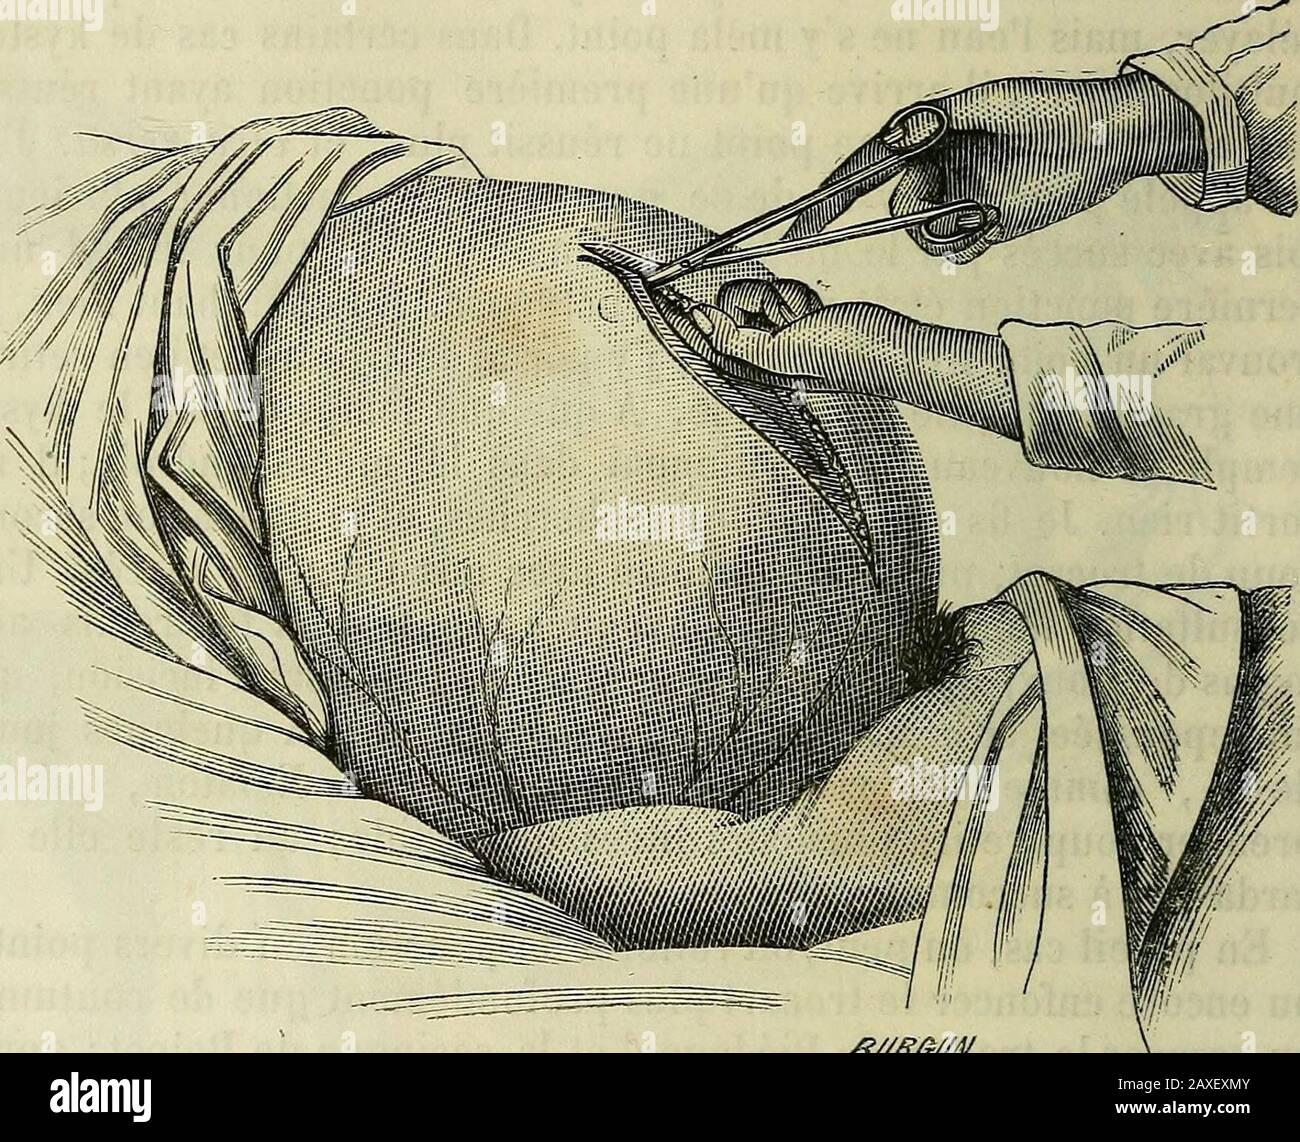 Manuel de médecine opératoire . tant un tra-vail dinflamation adhésive ou substitutive, par les inyectables;2° en les faisant suppurer ; 3 en enlevant le kyste lui-même. Première métJiode. Inyecciones. — Boinet est le premier quiait tenté la cure des kystes ovariques par les inyectables iodées ; etelles sont restées longtemps adoptées. Le procédé est très-simple.On fait la ponction à lordinaire, on évacue tout le liquide; et parla canule on injectte immédireation de 100 à 200 grams de 34-2 OPÉRATIONS SPÉCIALES. Teinture diodurée mélangée deau dans diverses proportions.Linjección laissée à à Foto de stock